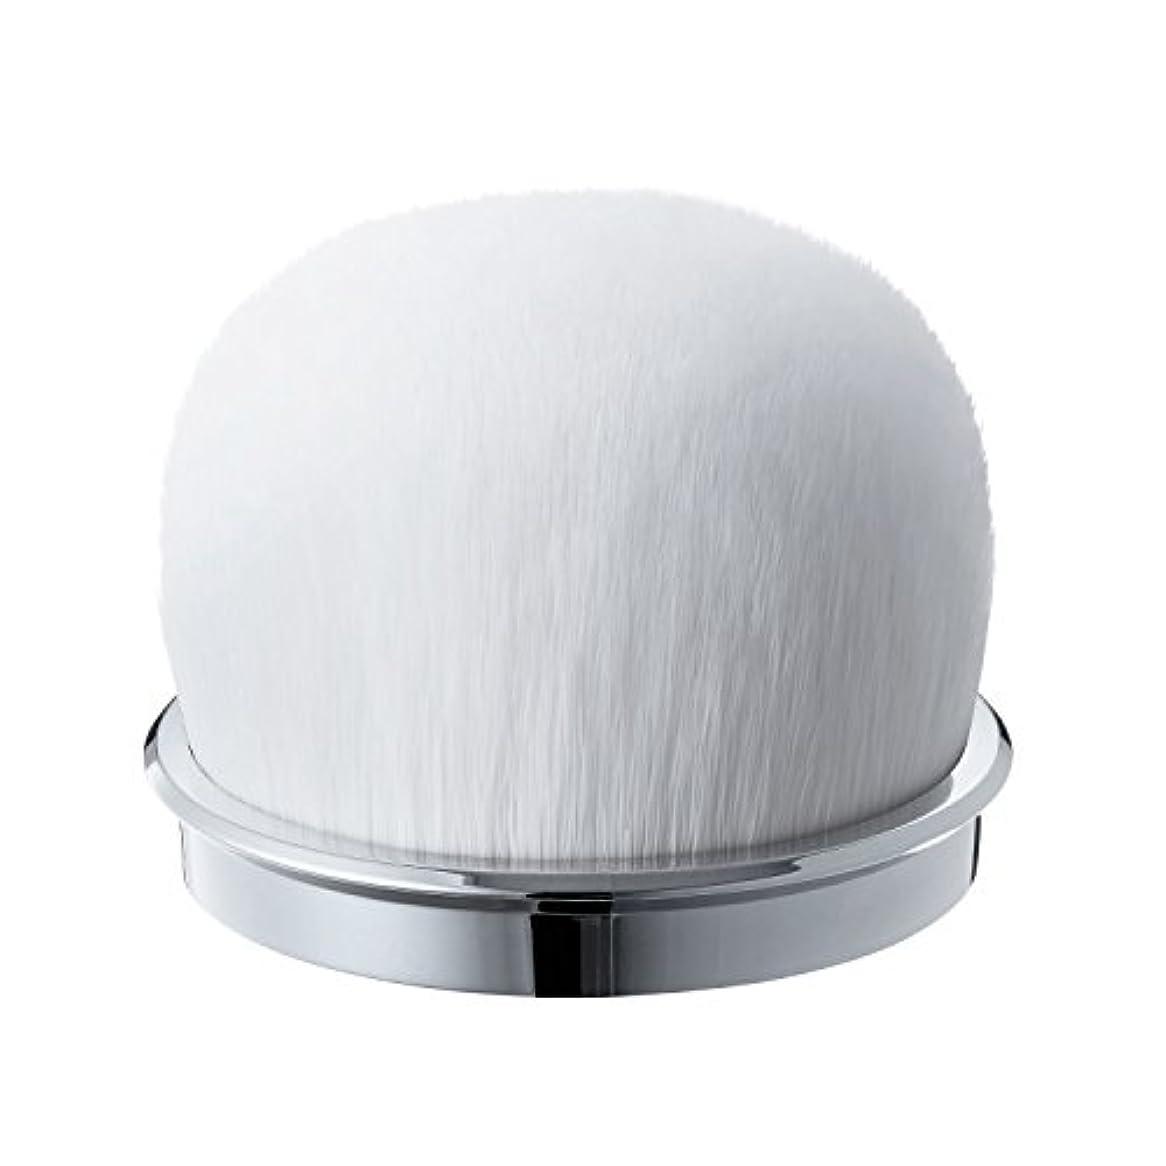 批判的サークルかけがえのないMTG ReFa CLEAR BRUSH HEAD (リファクリアブラシヘッド)【メーカー純正品】スキンケア